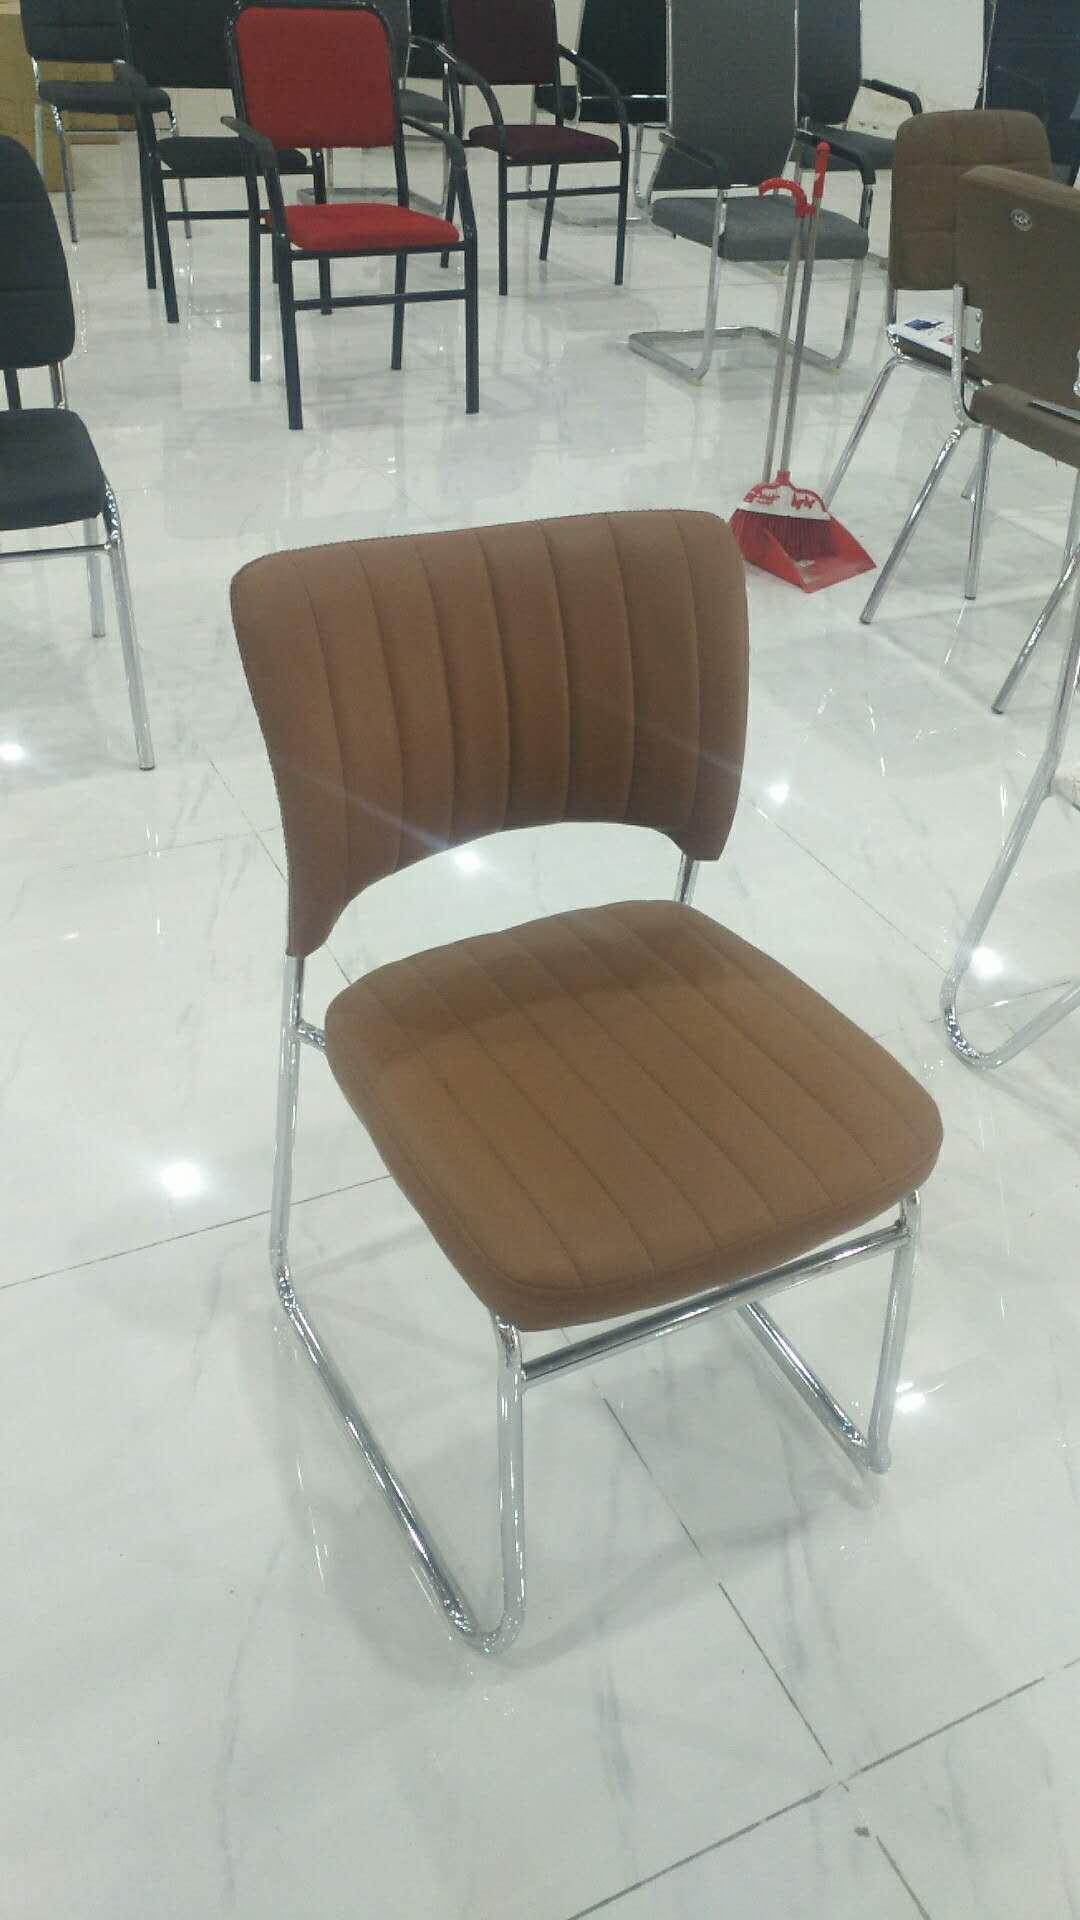 廊坊皮革椅供应商   现代  时尚简约   办公皮革椅 棕皮革椅